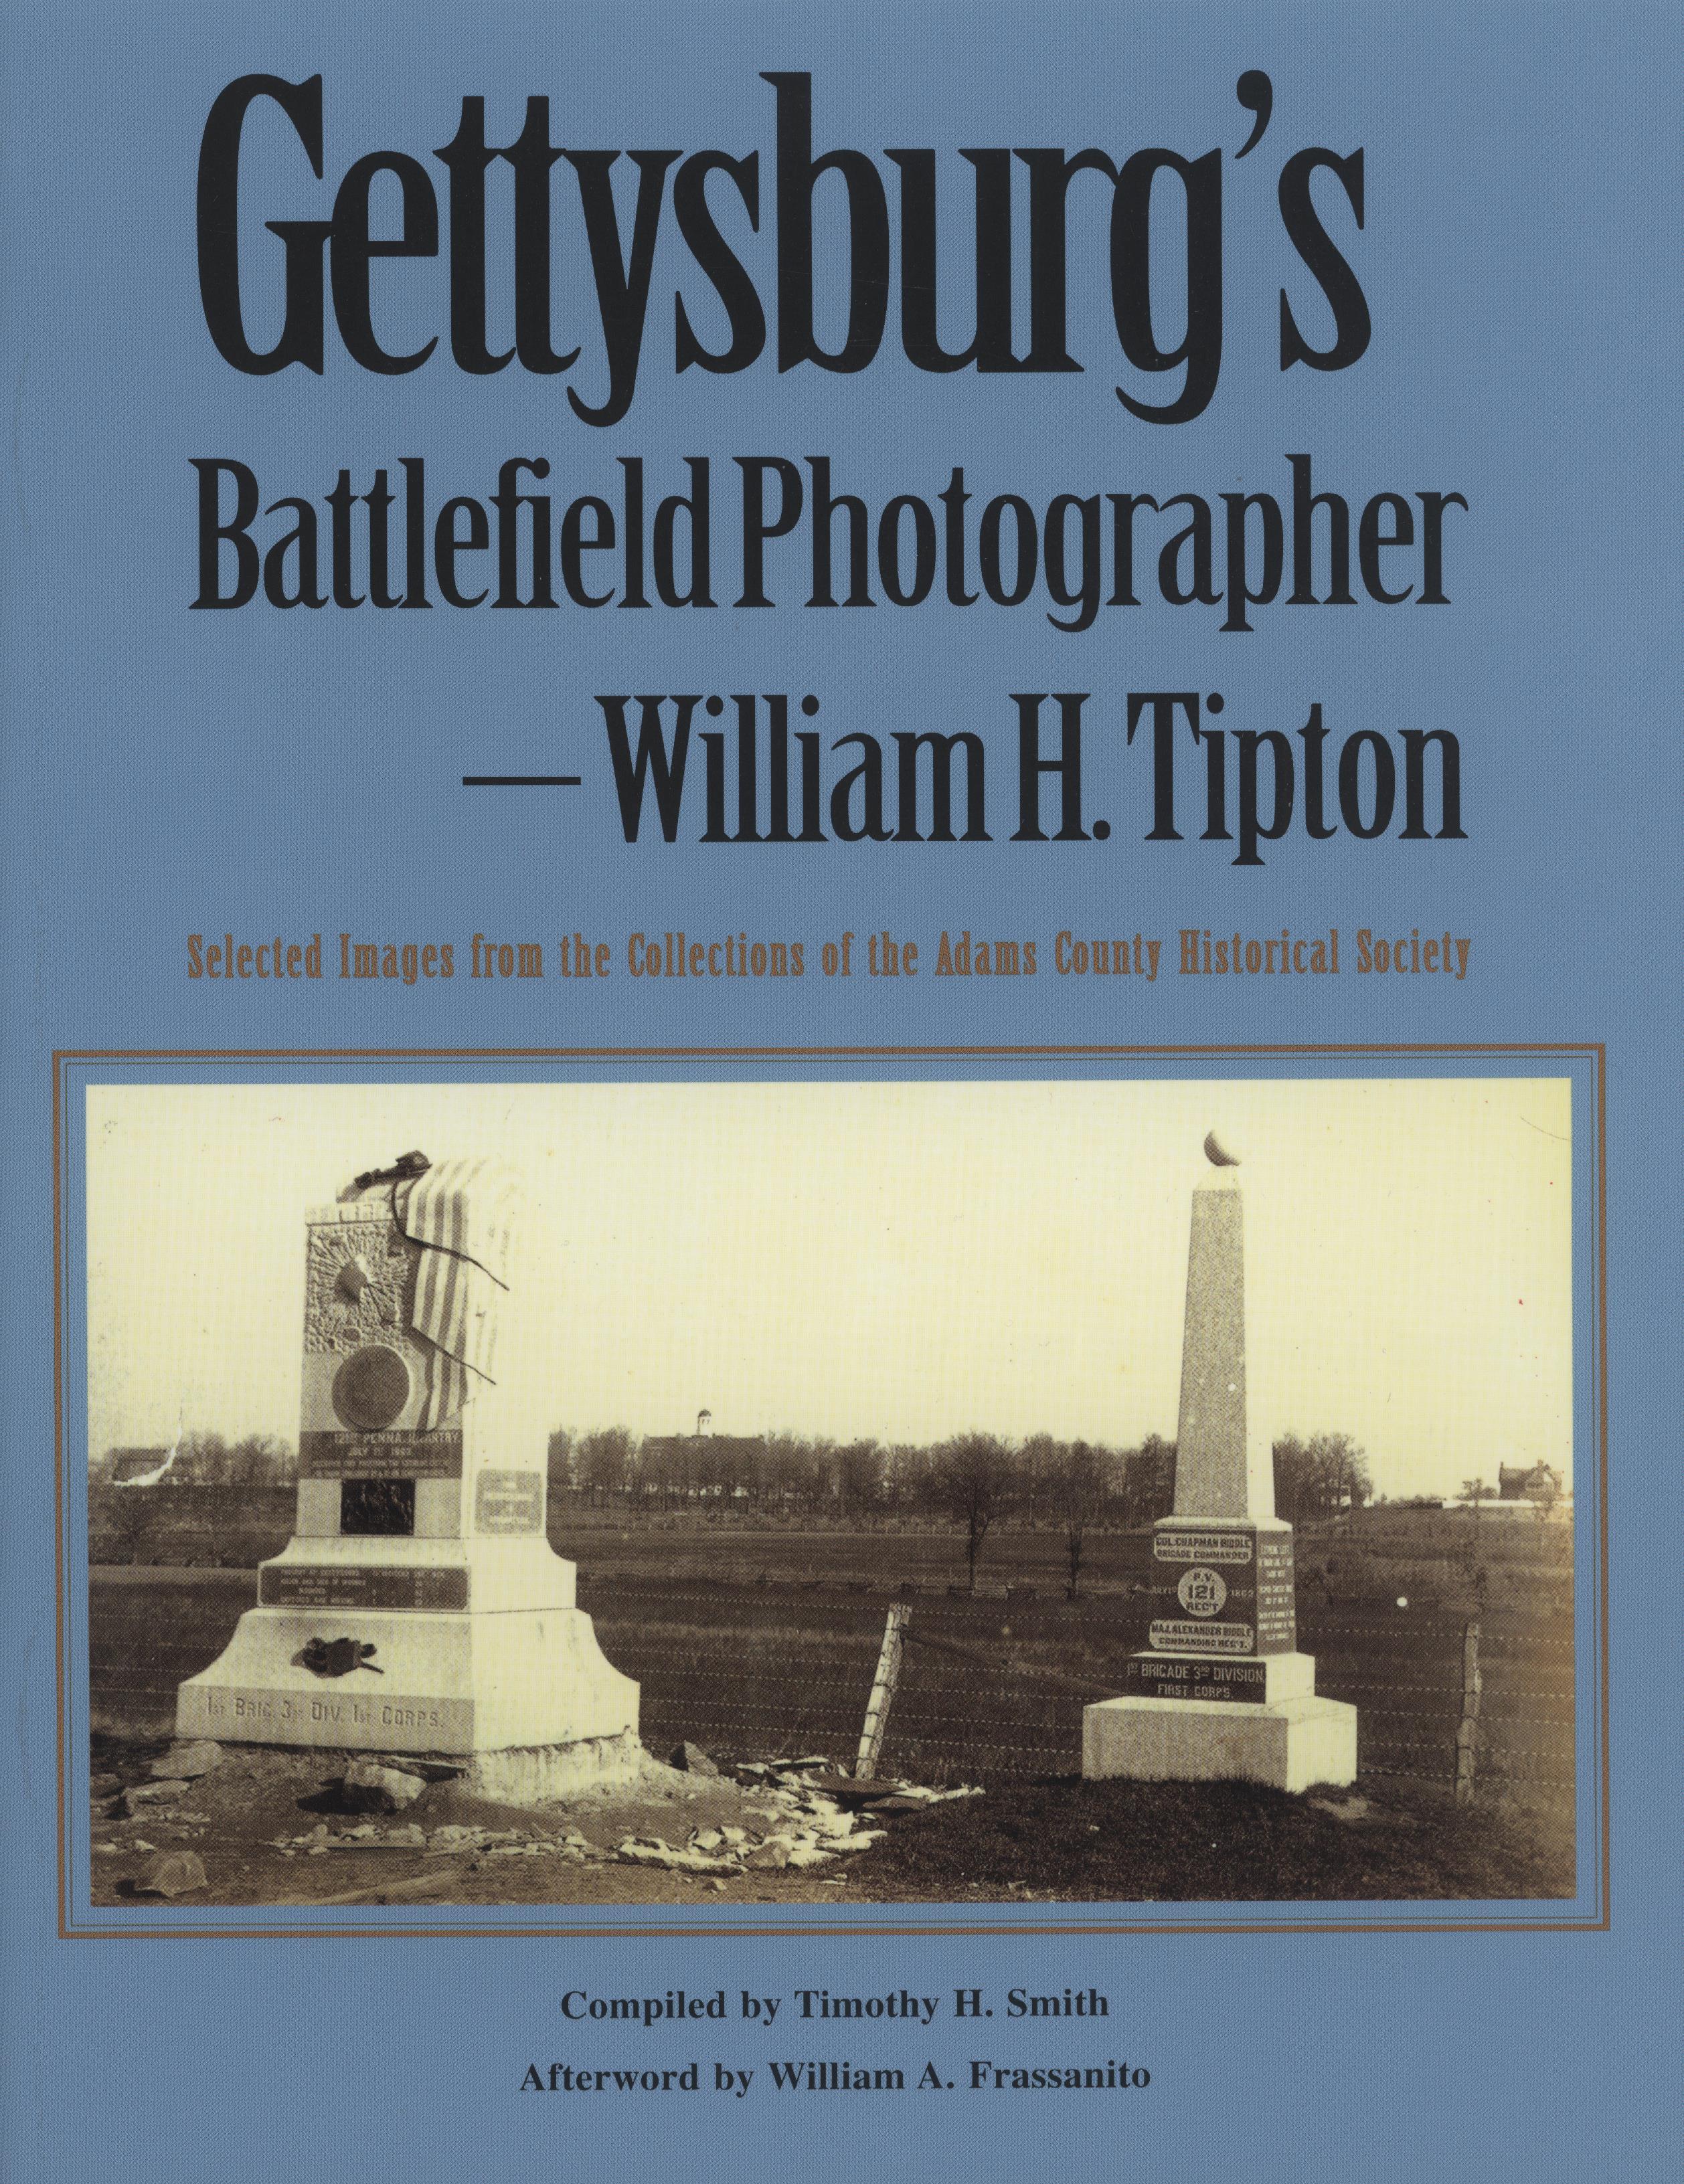 Gettysburg's Battlefield Photographer: William H. Tipton